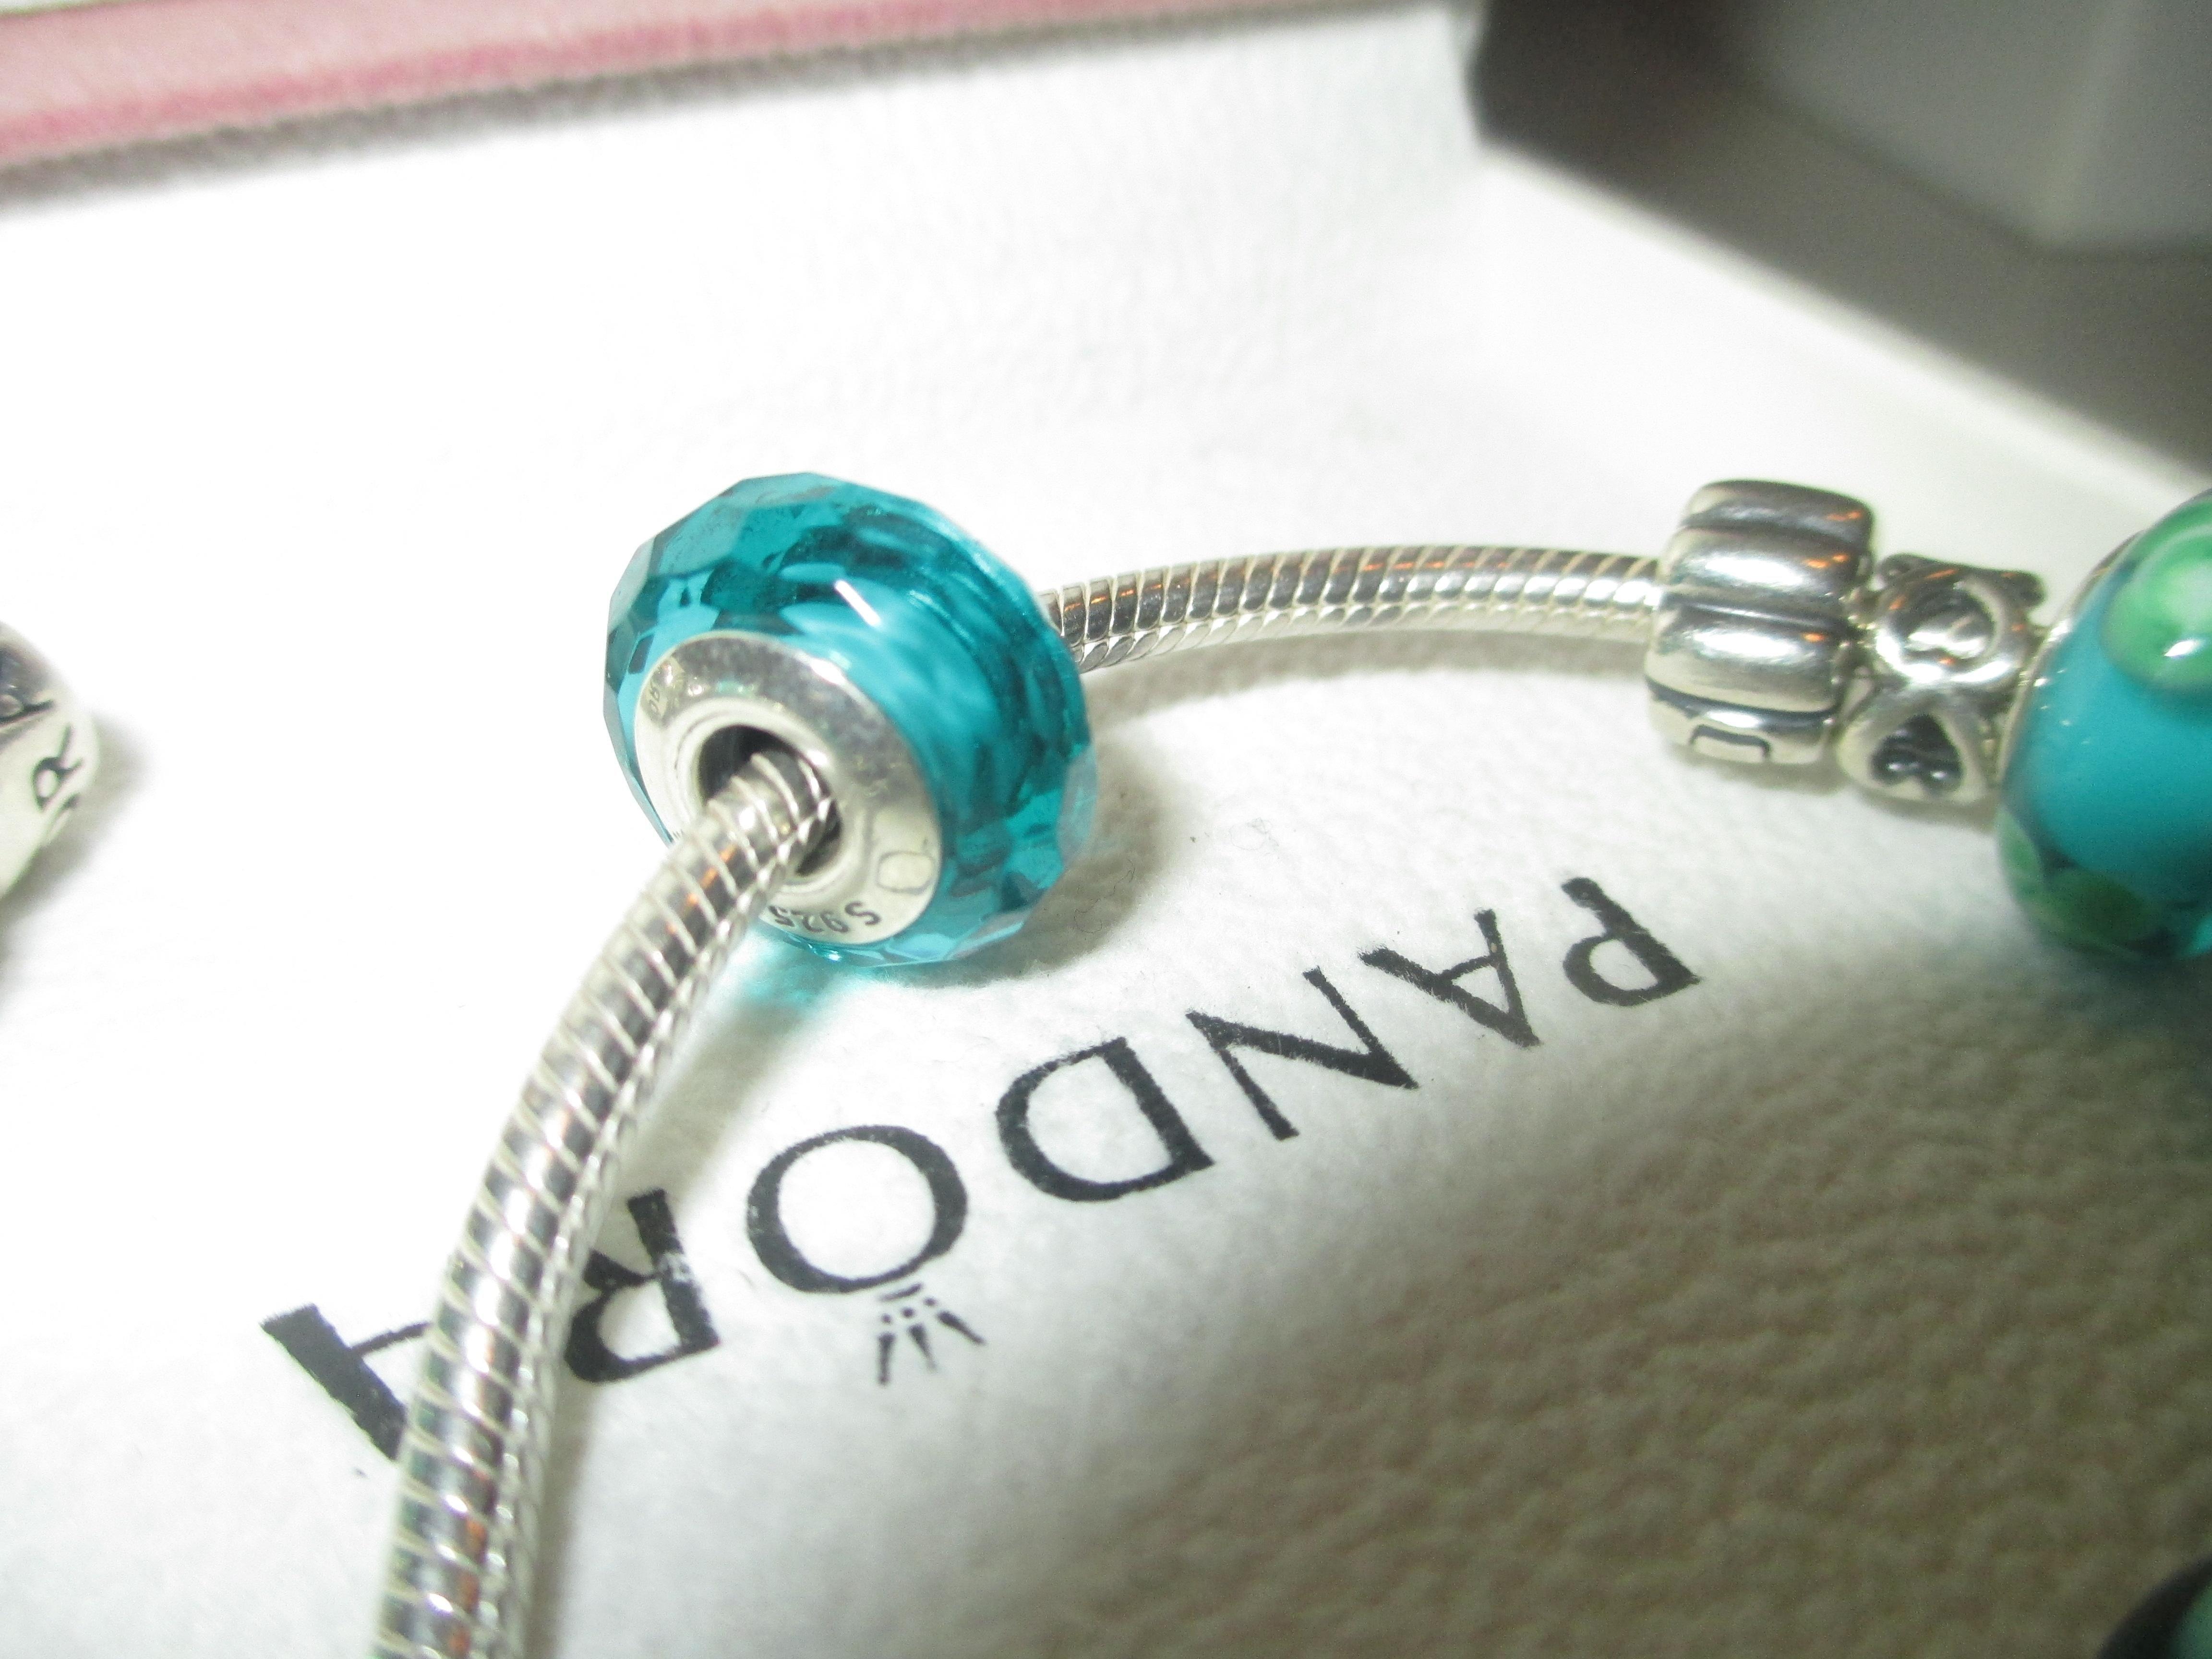 3879e8e79 Murano Glass Beads, Pandora Charms, Teal, Charmed, Bracelets, Silver,  Jewelry